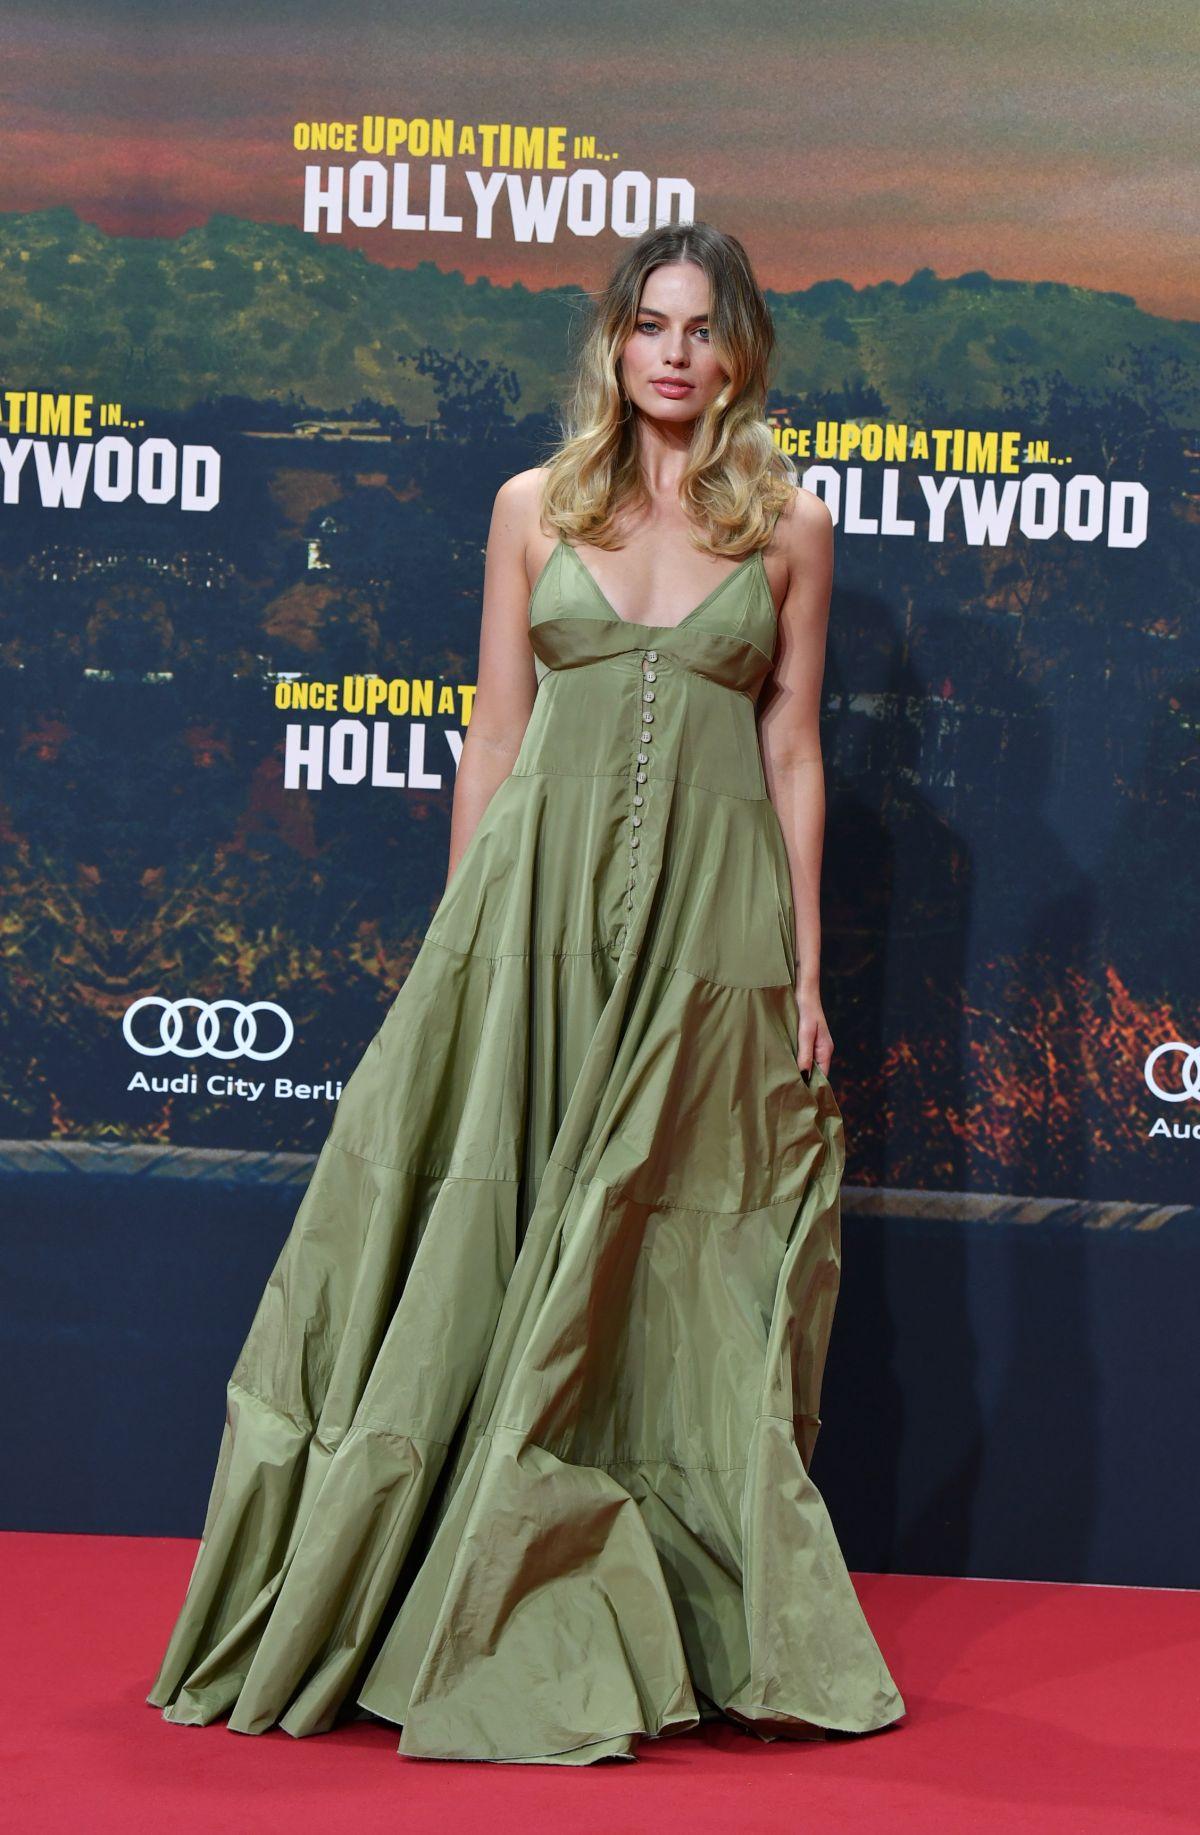 تألقت مارغو روبي في فستان ناعم ماكسي باللون الأخضر